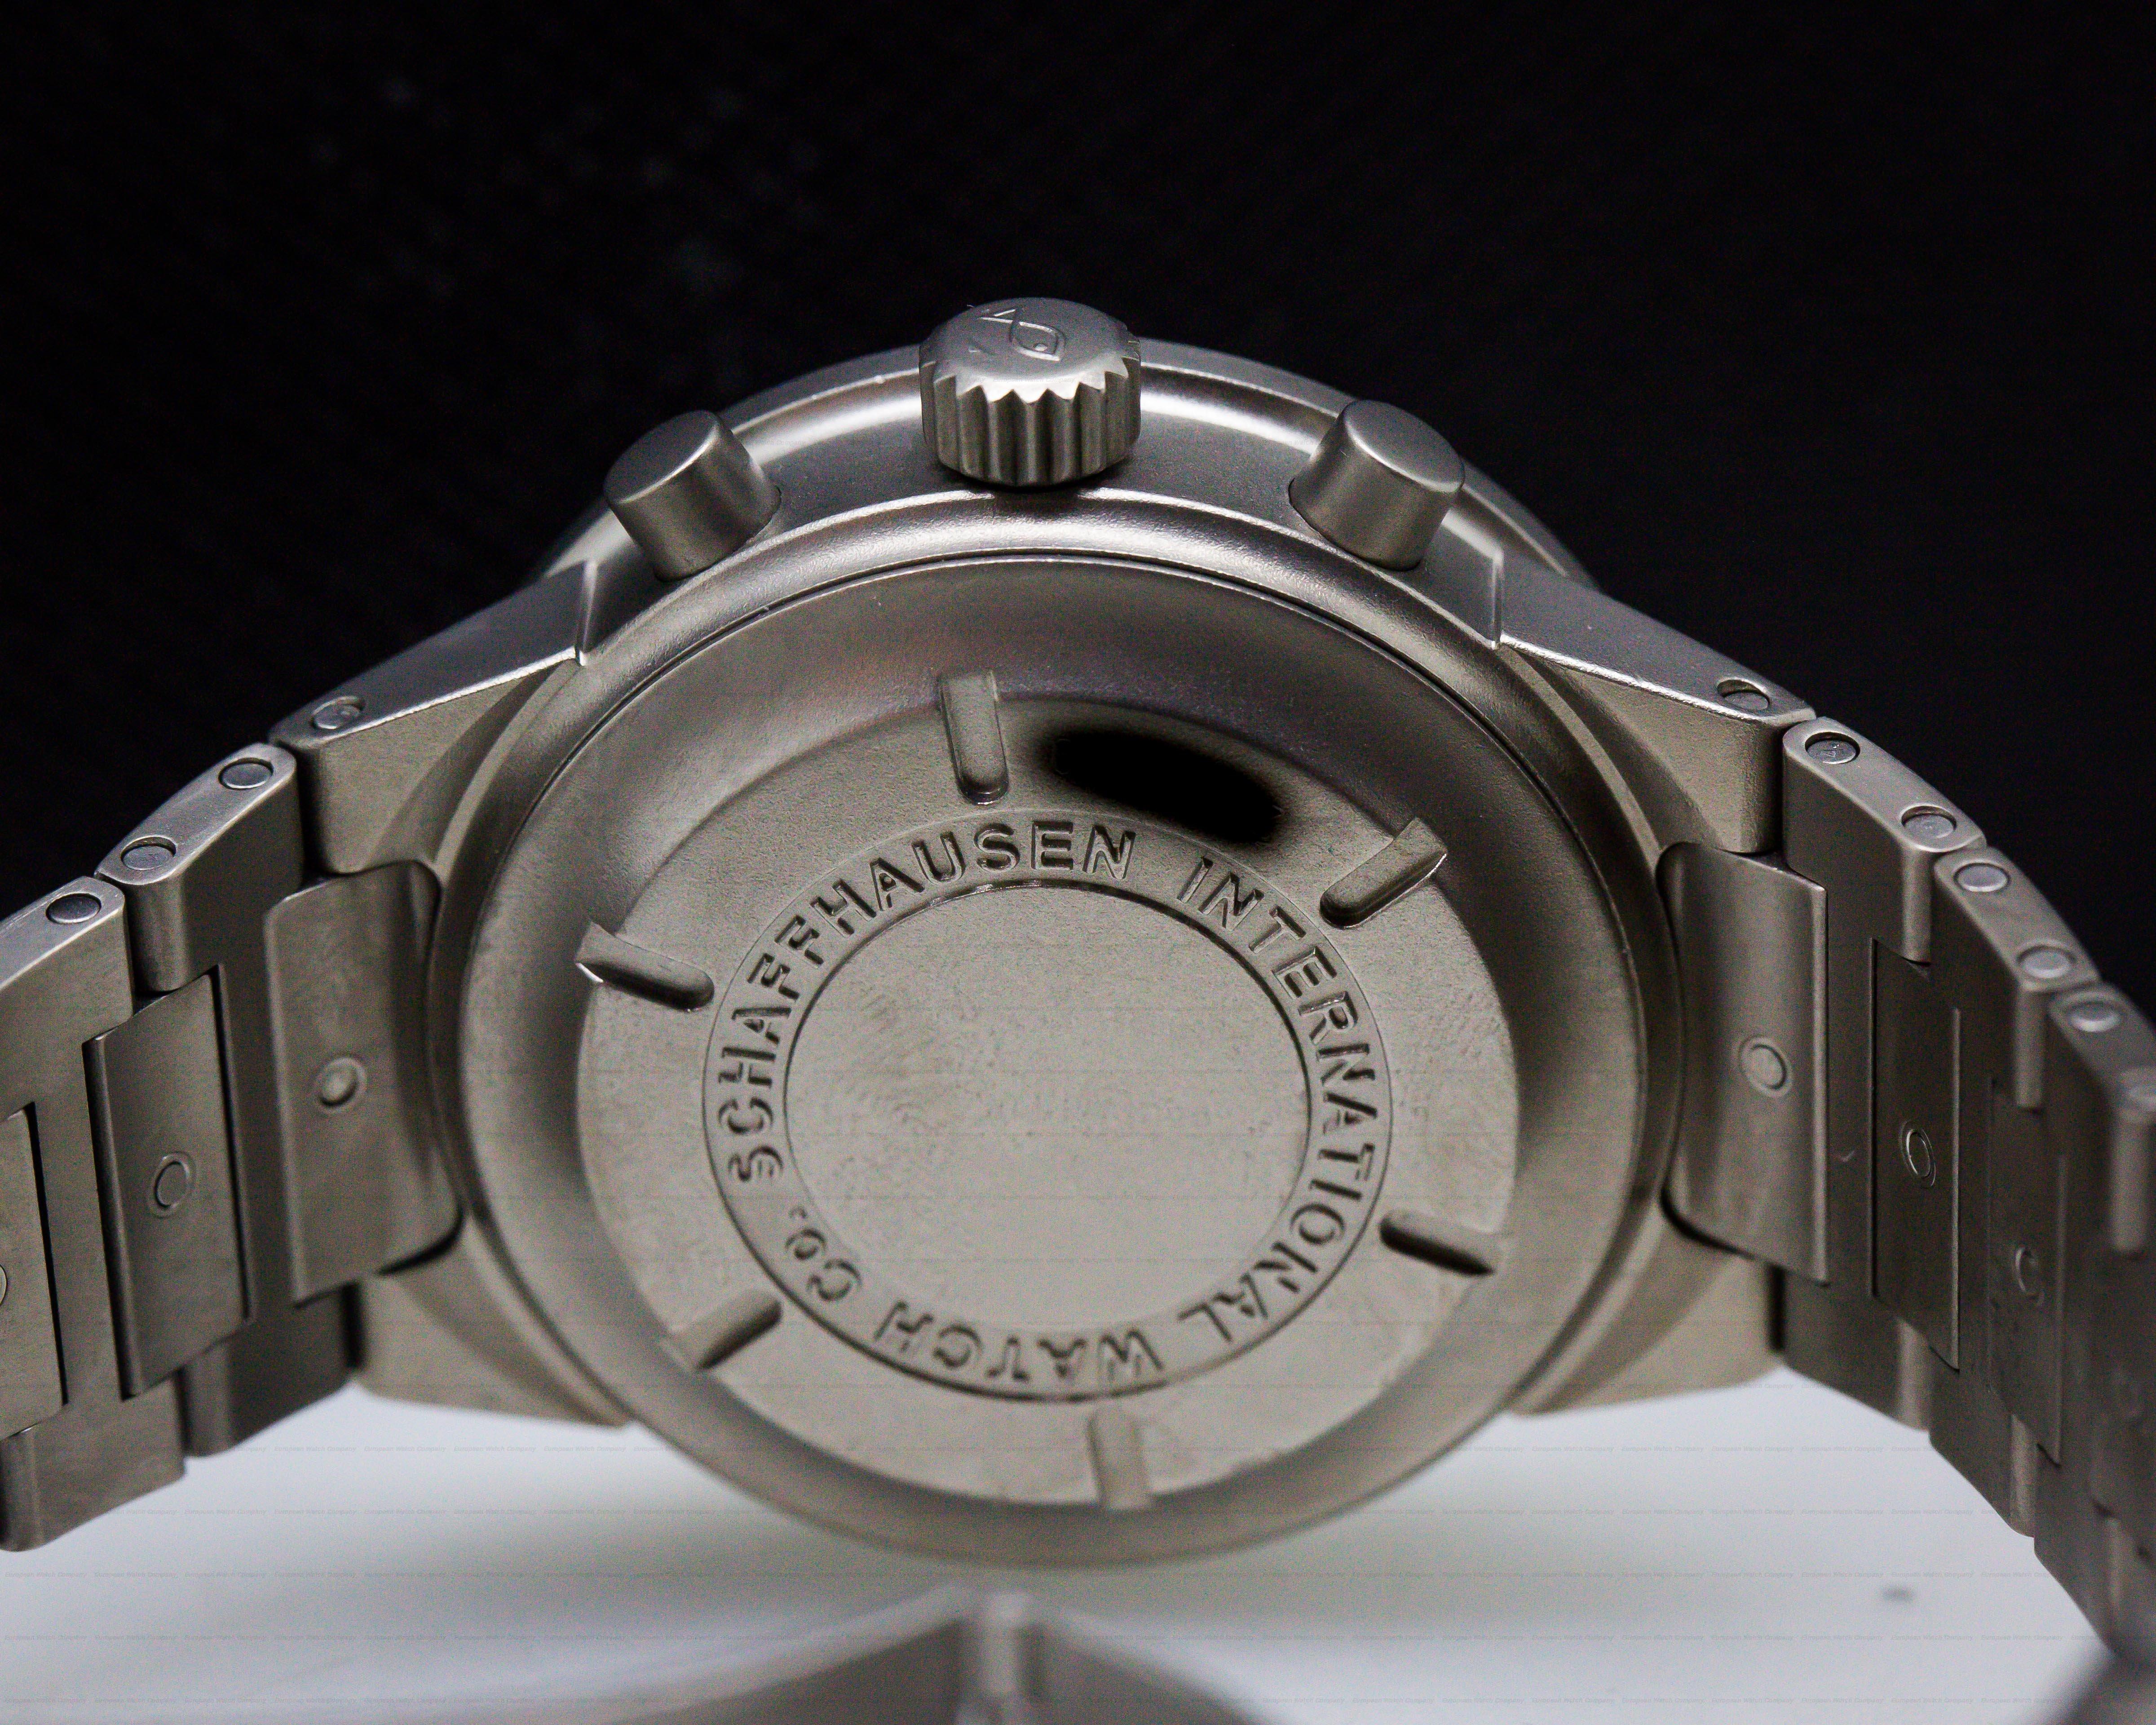 IWC 3707-08 GST Chronograph Black Dial Titanium